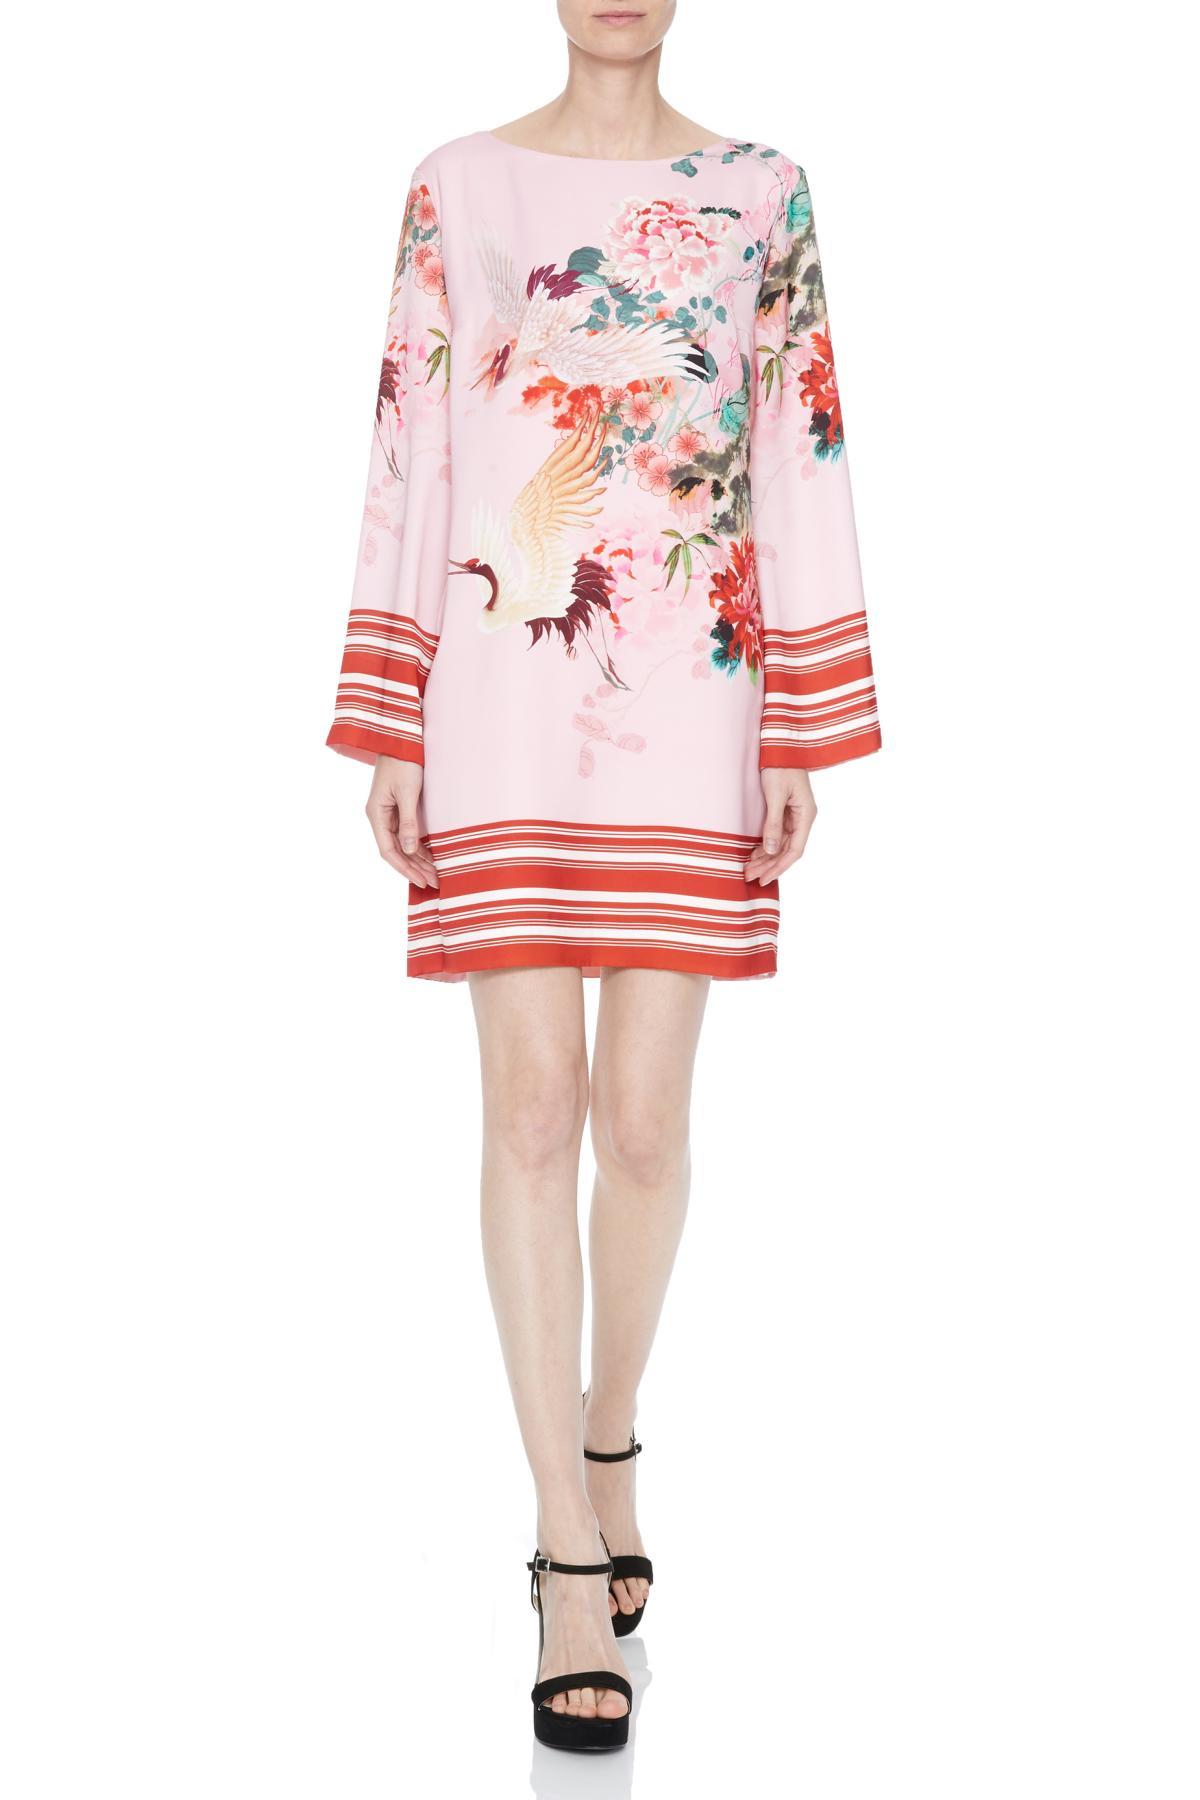 Front of Ana Alcazar Tunic Dress Neya  worn by model